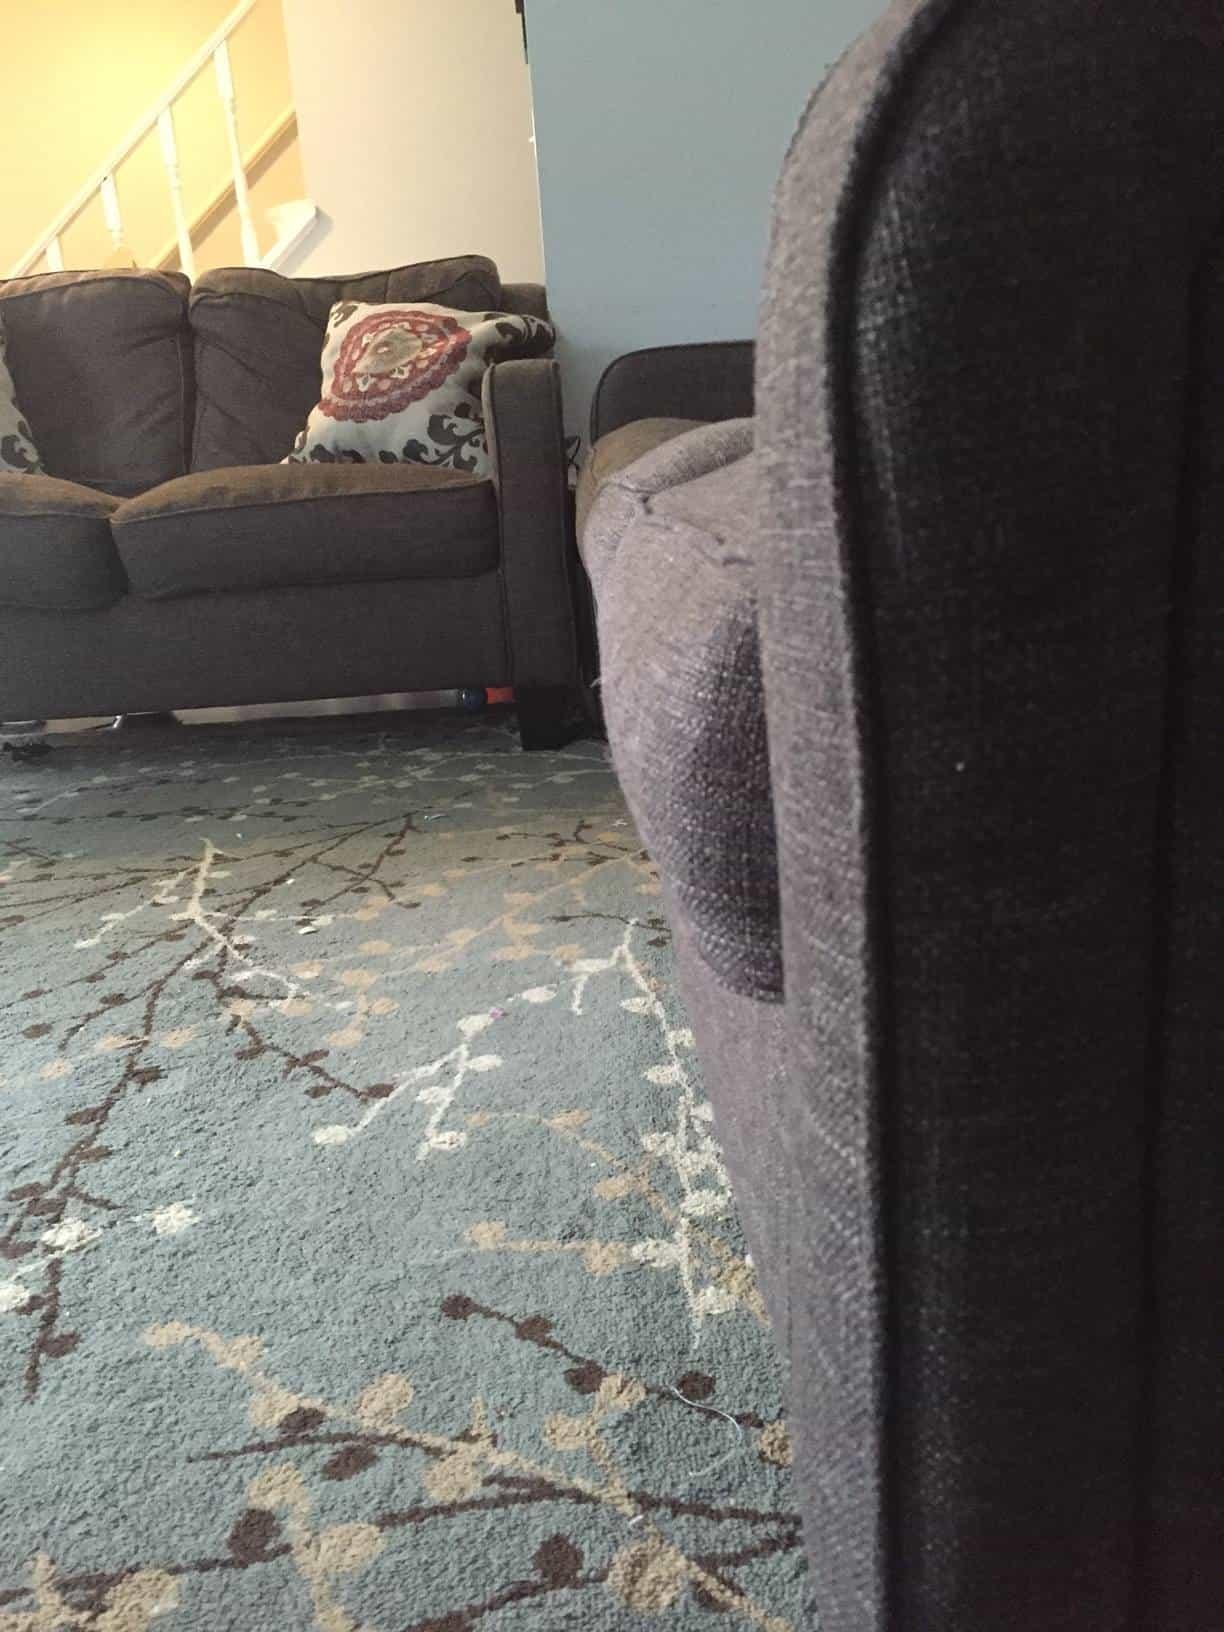 ashley dinelli sofa 1 year